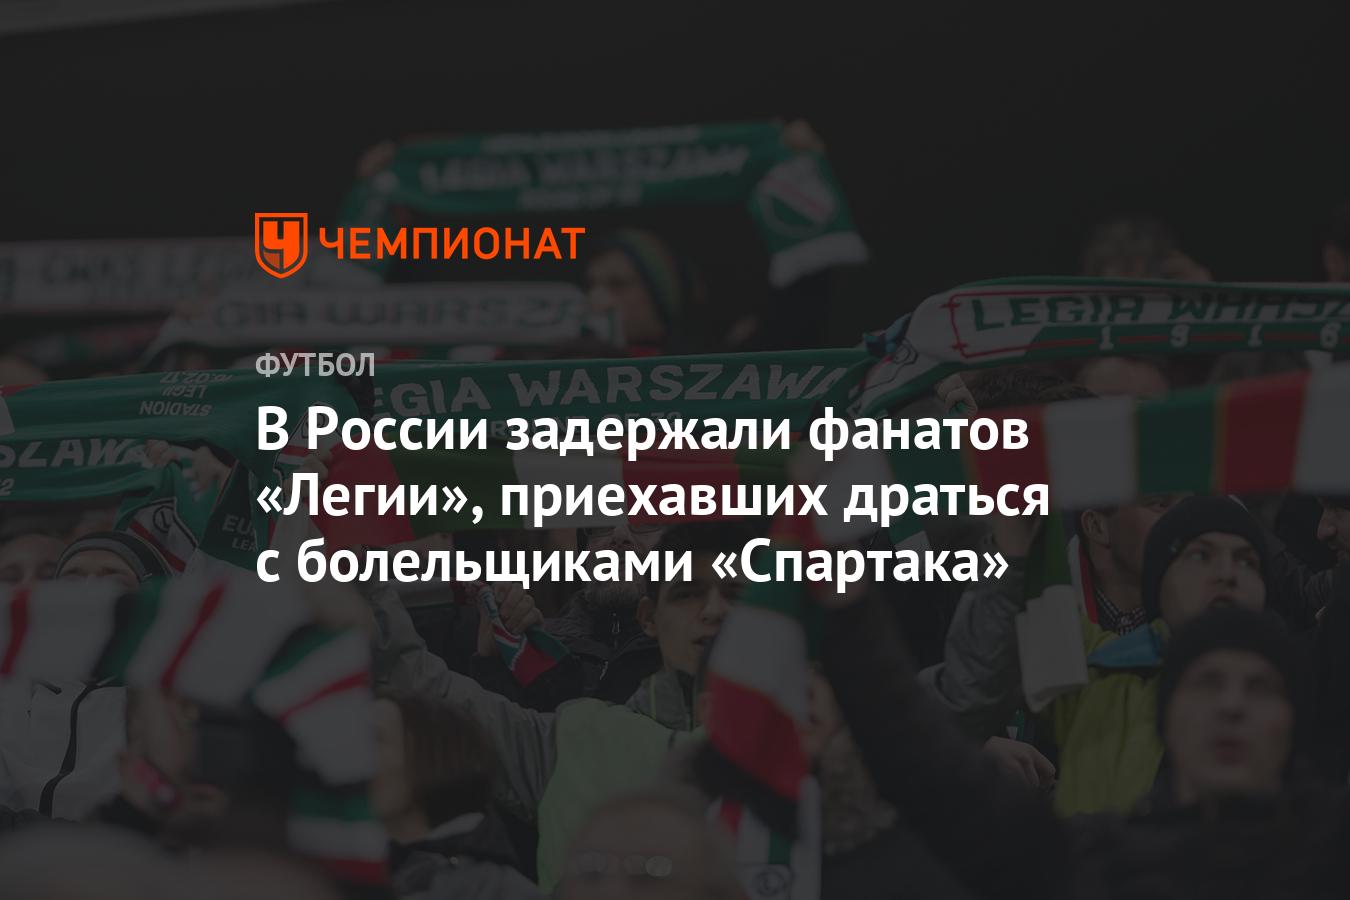 В России задержали фанатов «Легии», приехавших драться с болельщиками «Спартака»